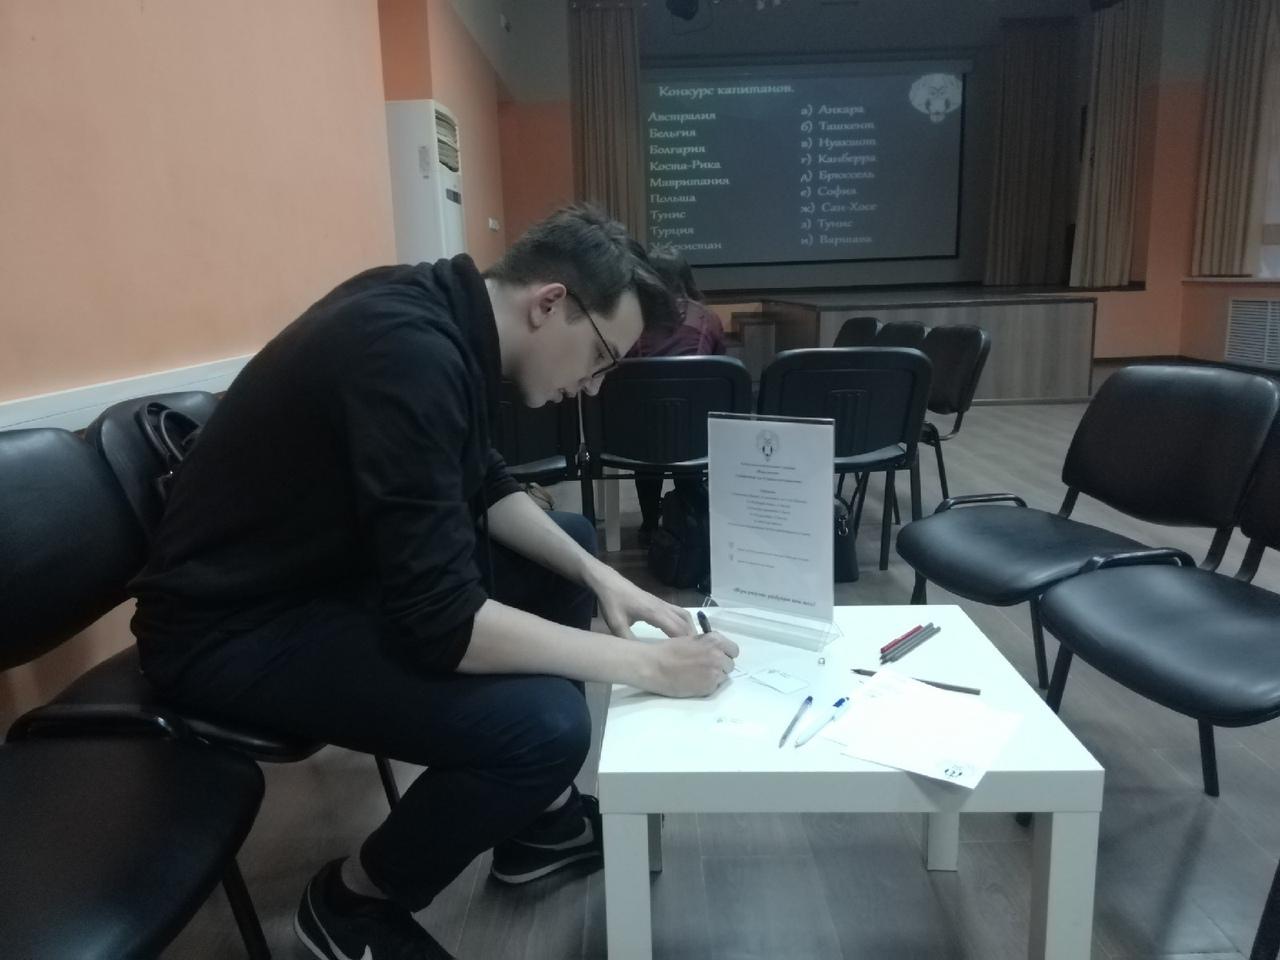 Студенты Тамбовского филиала РАНХиГС приняли участие в интеллектуальном турнире